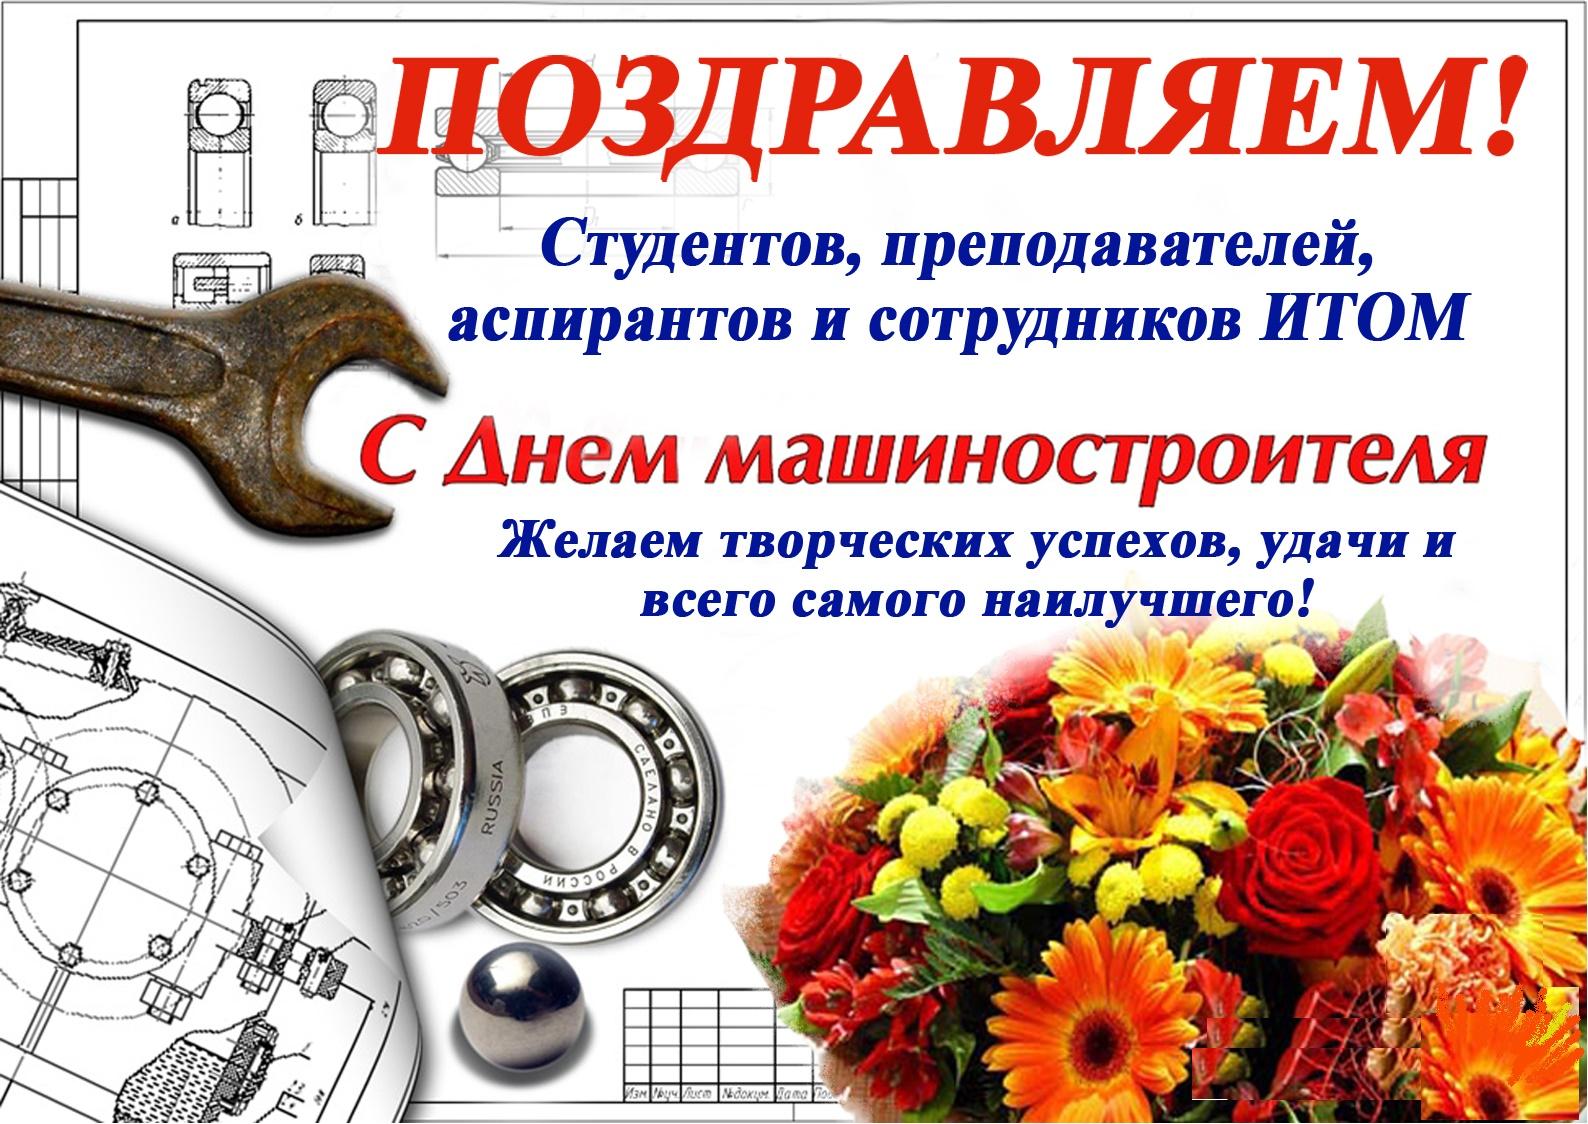 Красивые открытки с днем машиностроителя работника моторного завода, коллеге